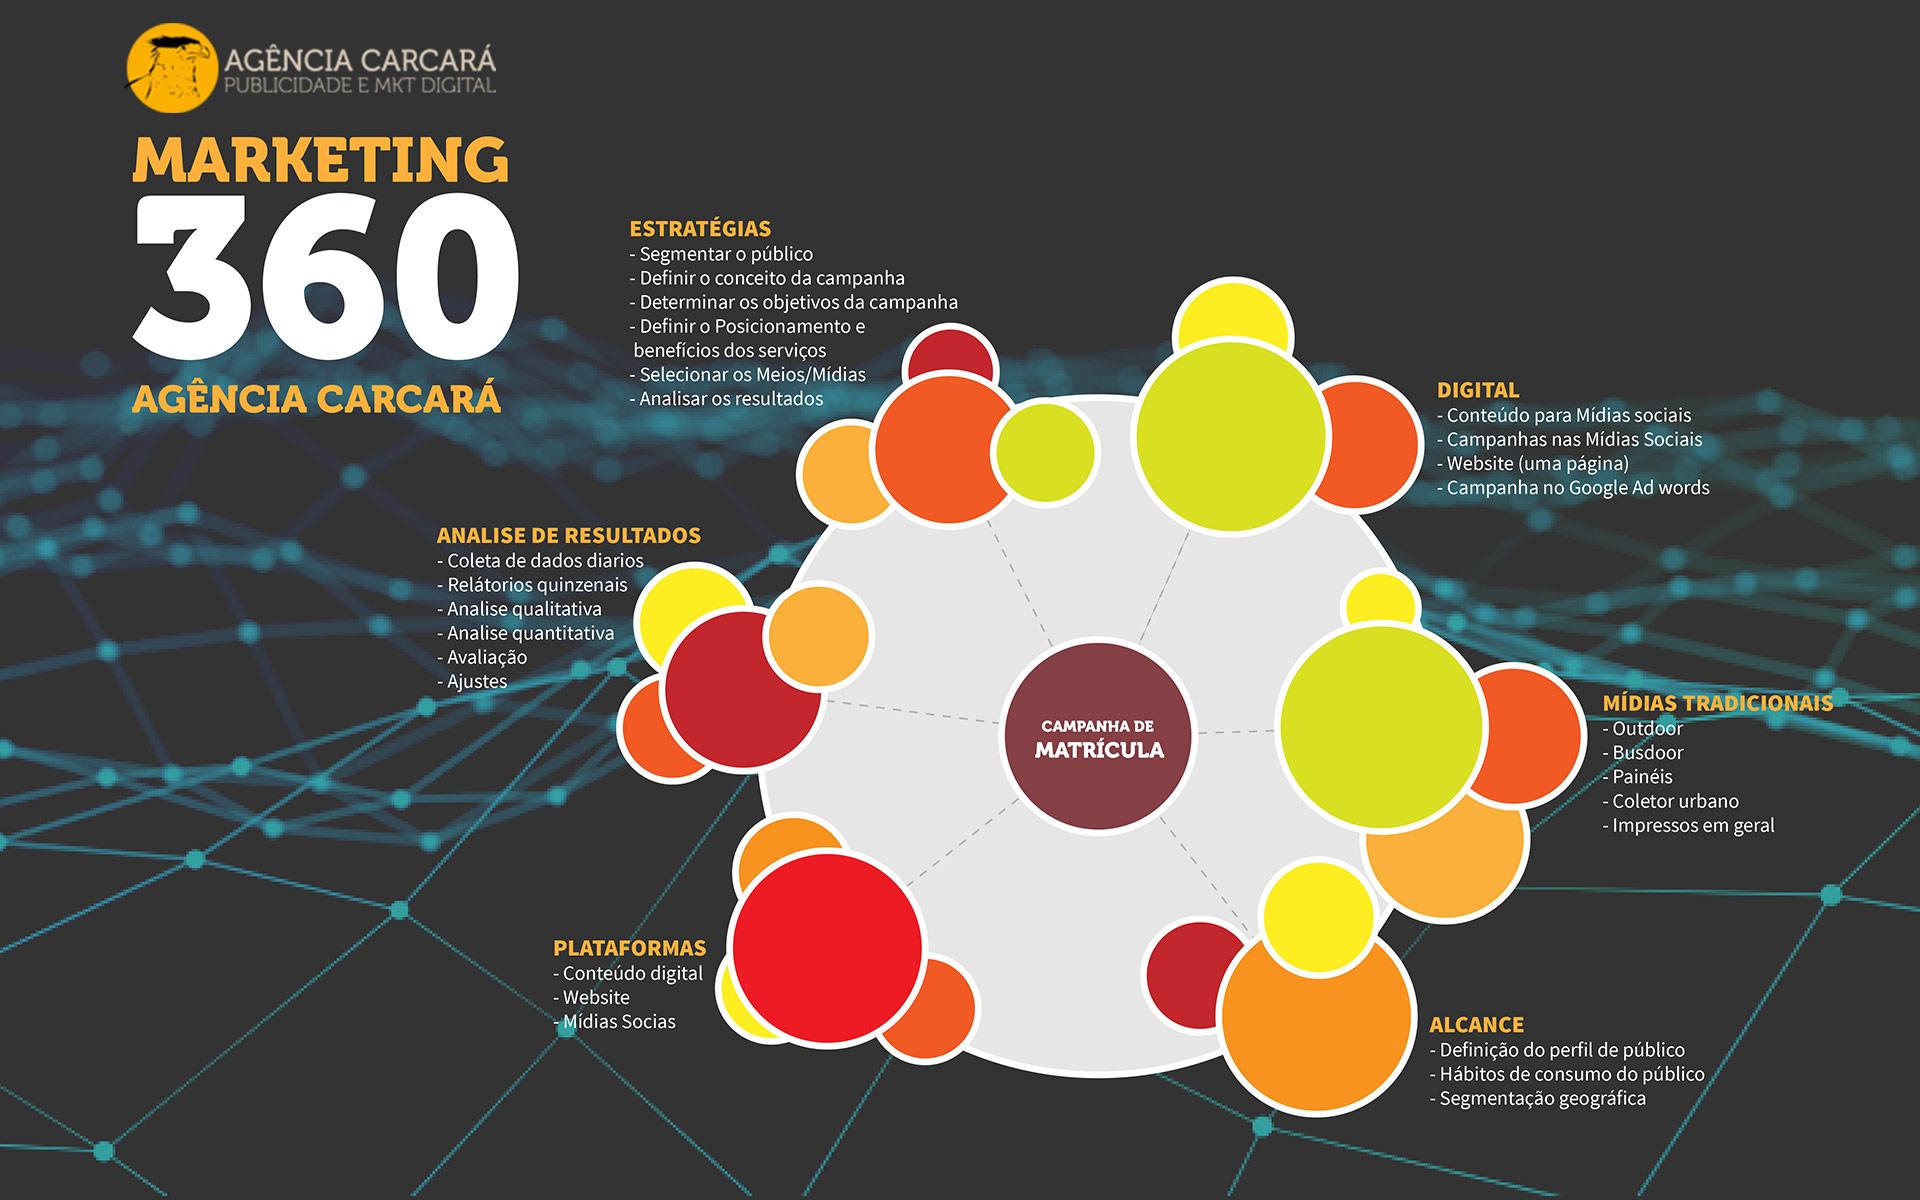 Marketing Educacional Digital em Brasília para: Colégios, Escolas, Faculdades, Cursinhos Preparatórios e Institutos de Conhecimento. Saiba como divulgar sua instituição de ensino com eficiência!